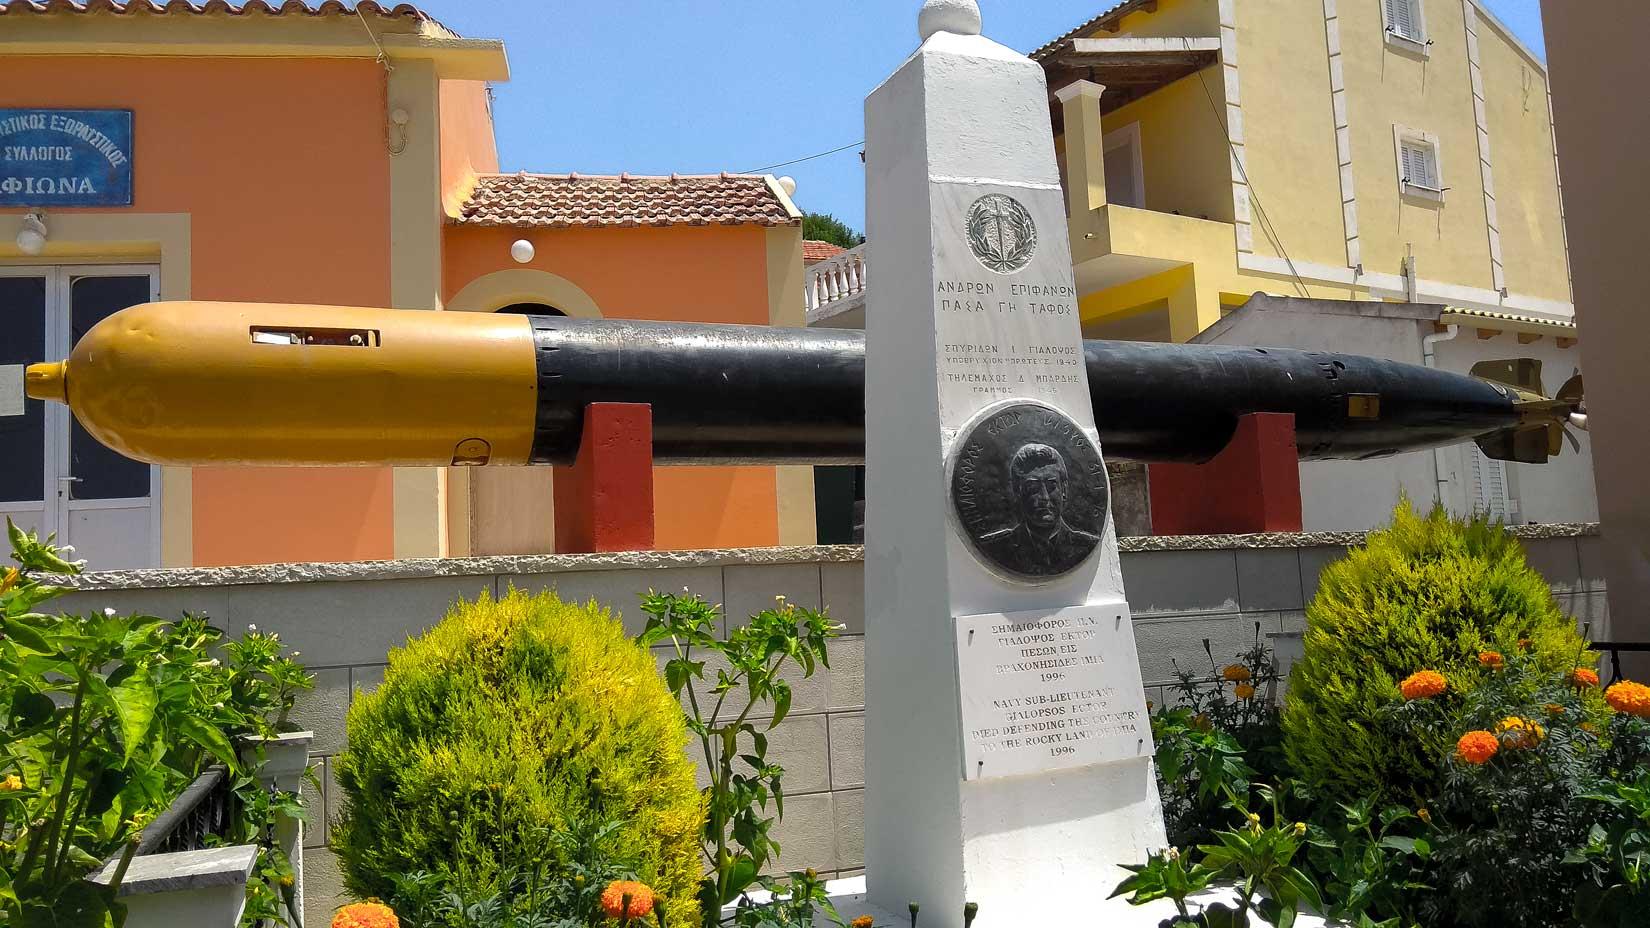 Památník s torpédem ve vesnici Afionas nad Porto Timoni. Pro nás suchozemce dost působivá smrtonosná hračička...